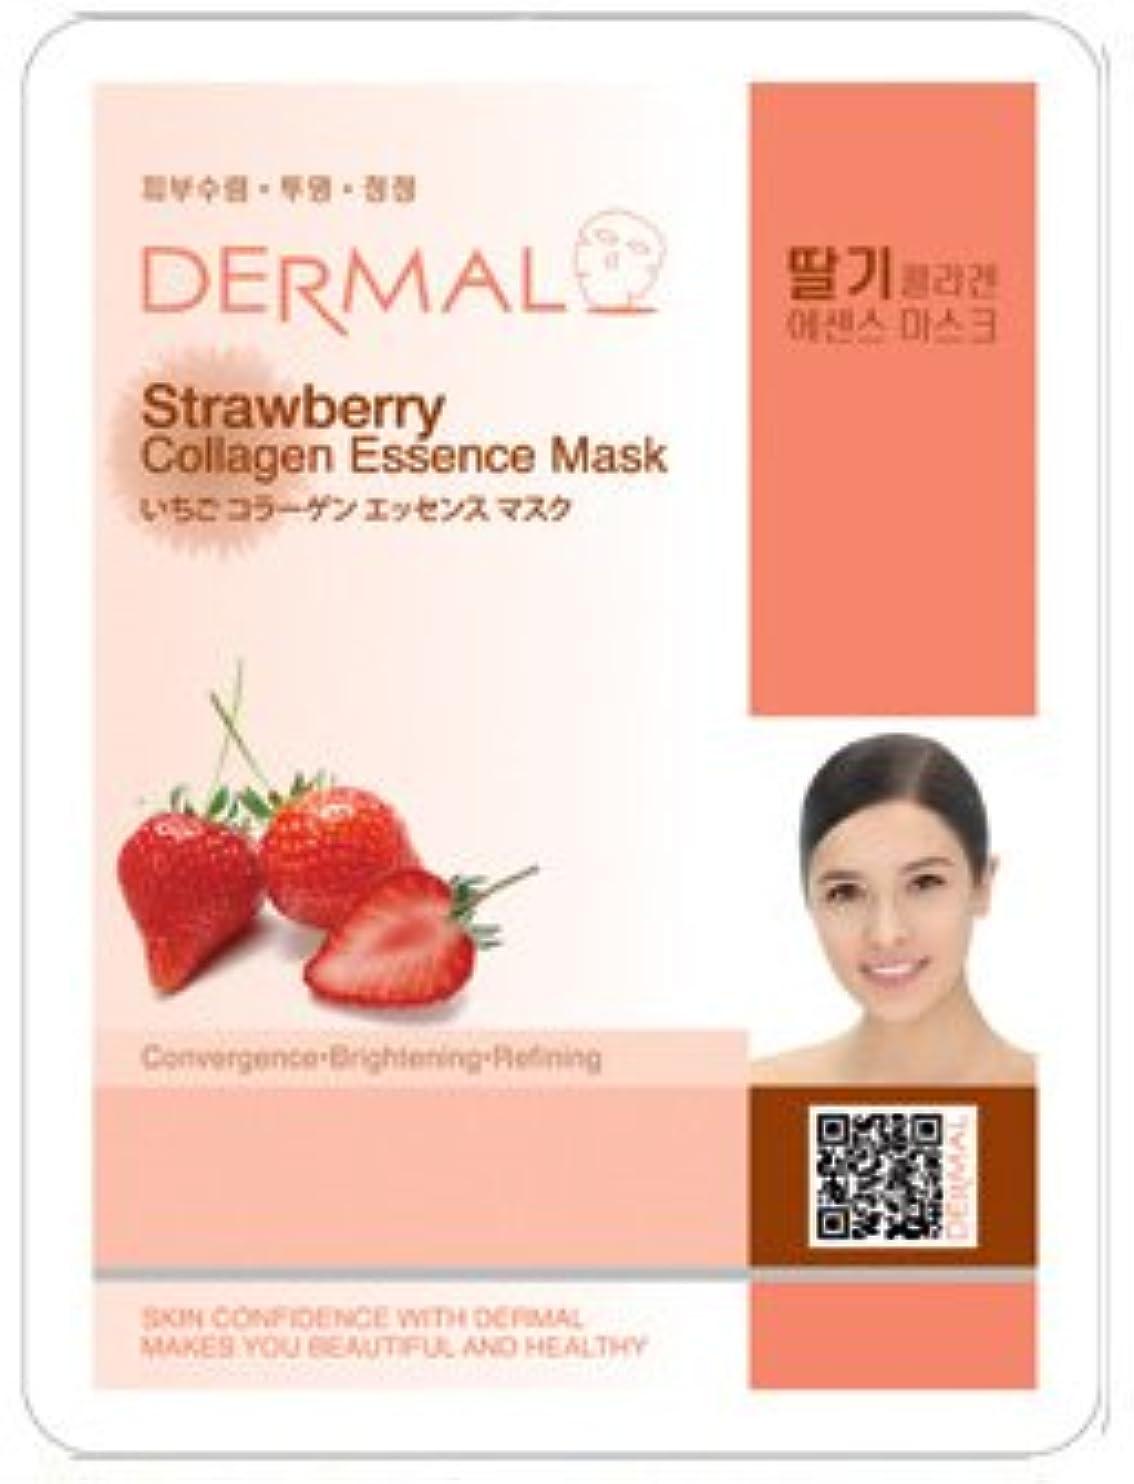 シンプルな遵守するページシート マスク イチゴ ダーマル Dermal 23g (10枚セット) フェイス パック